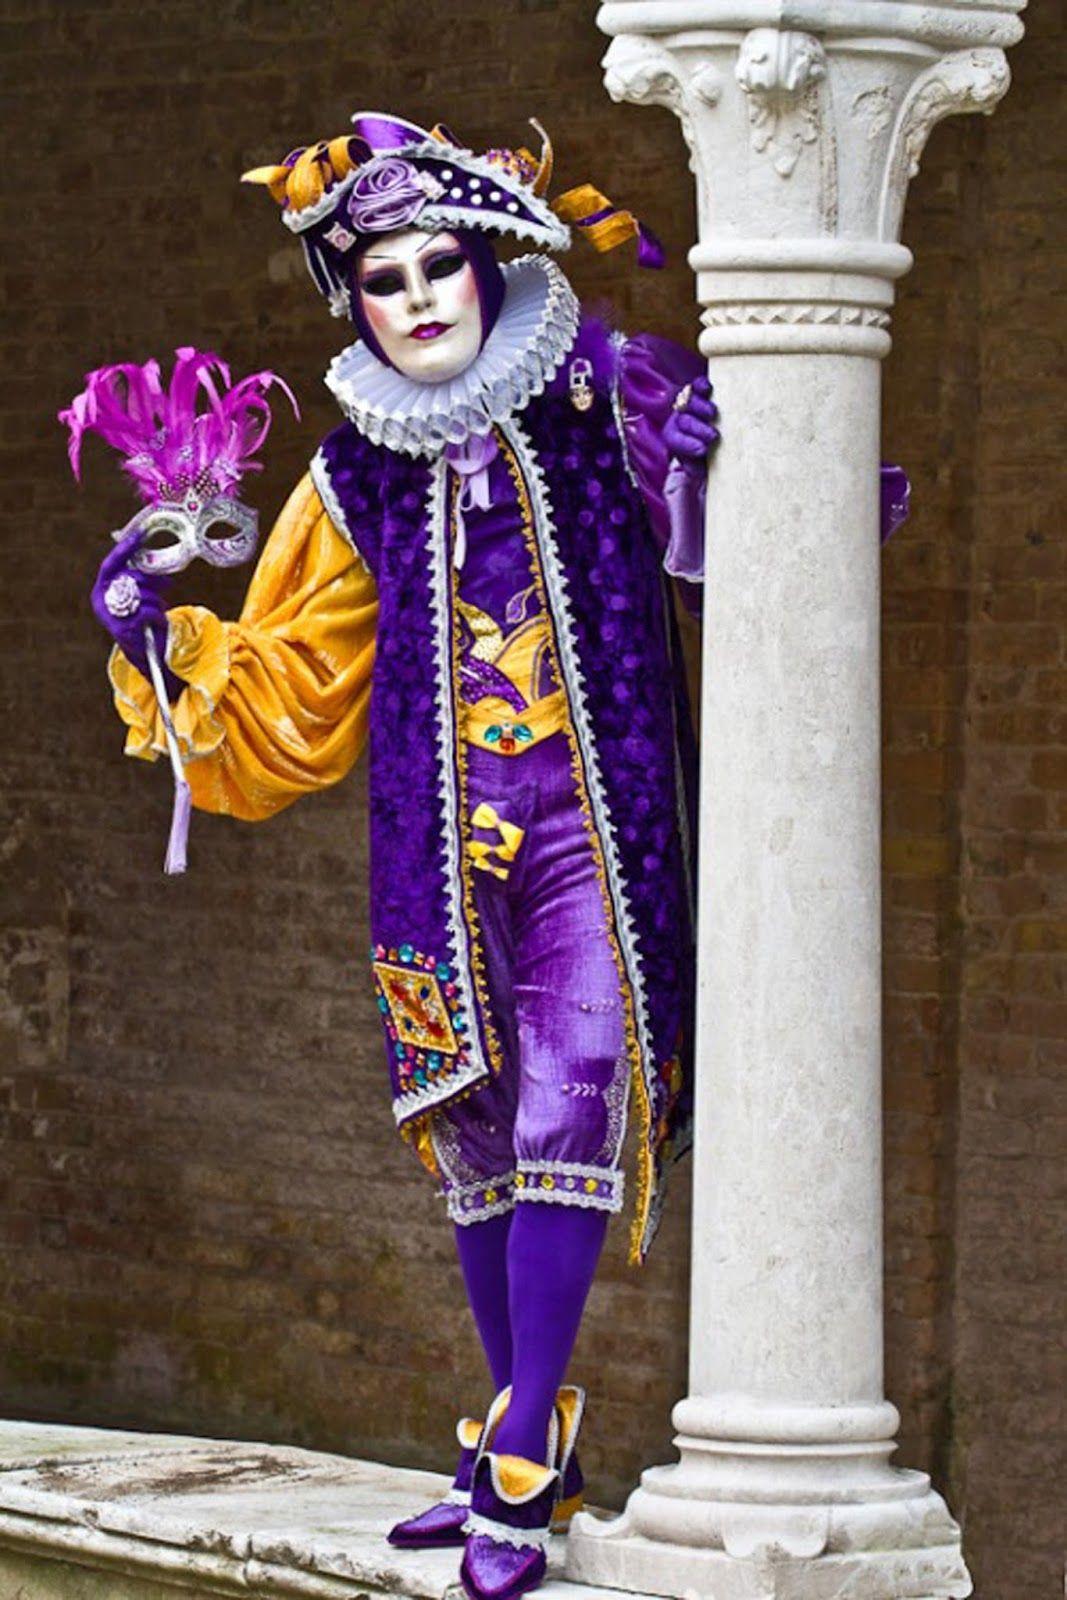 Carnaval Veneciano - Venetian Carnival | Carnaval Carnival ...